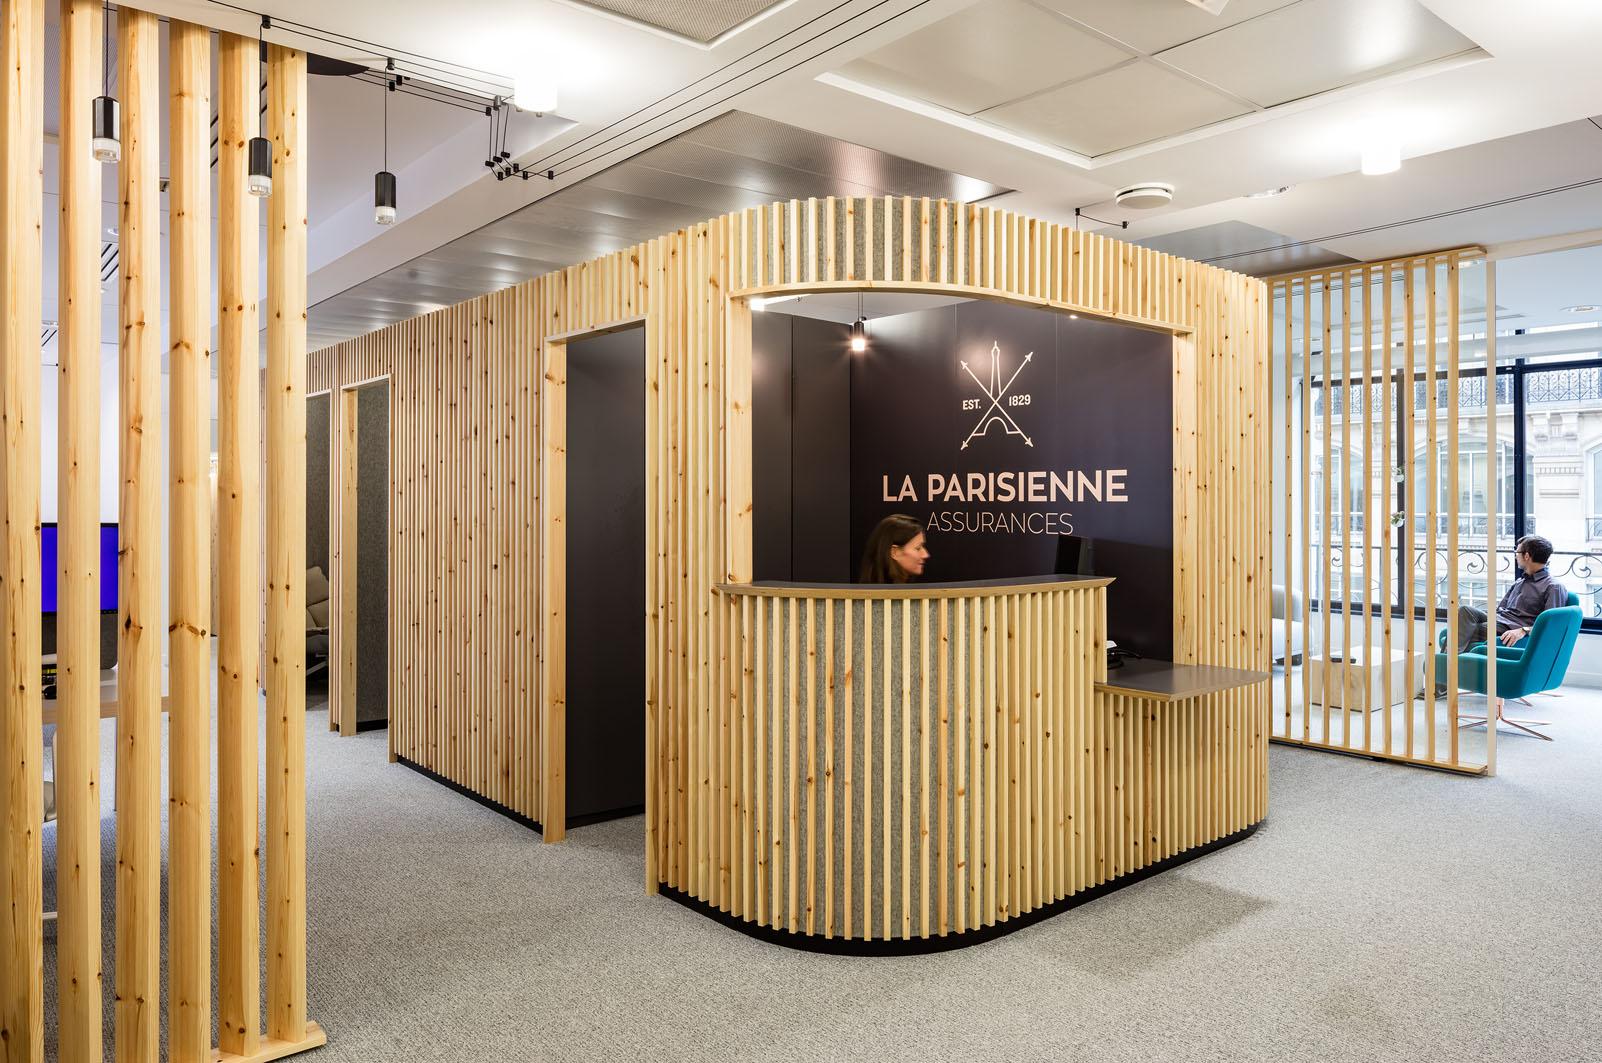 La-Parisienne-Assurances-digital